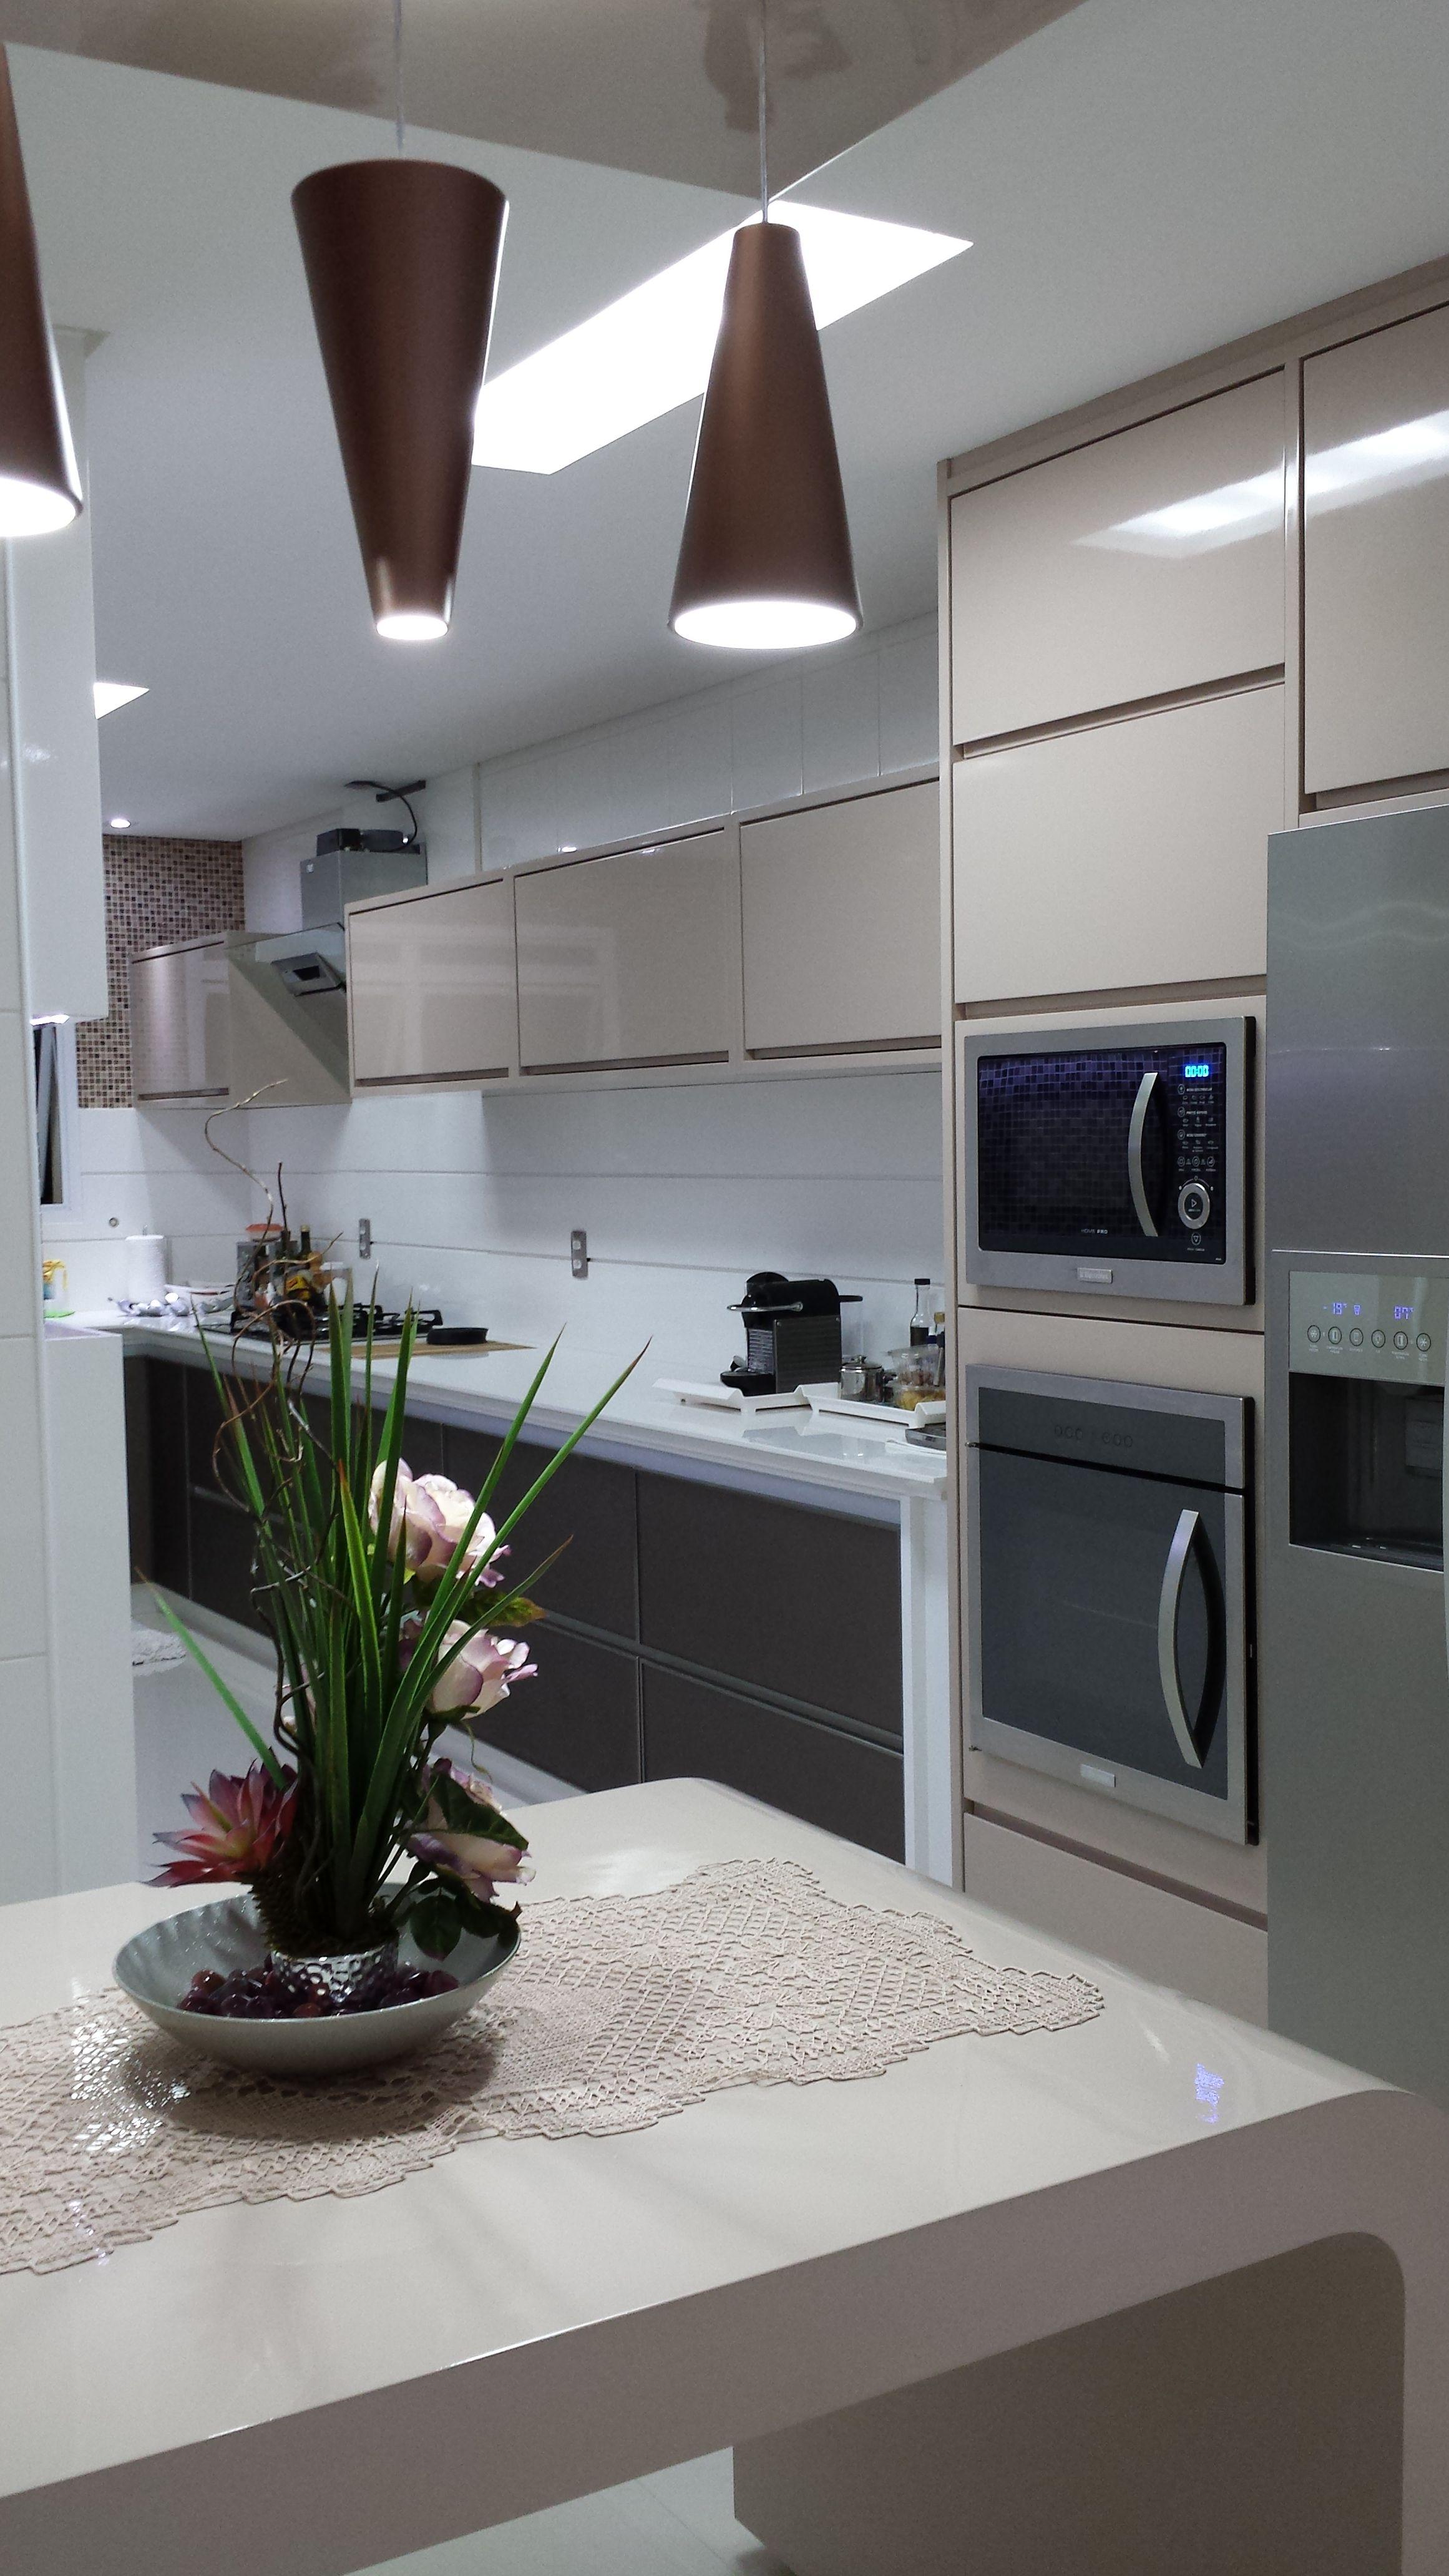 Cozinha - projeto especial de marcenaria produzido em laca brilhante ...